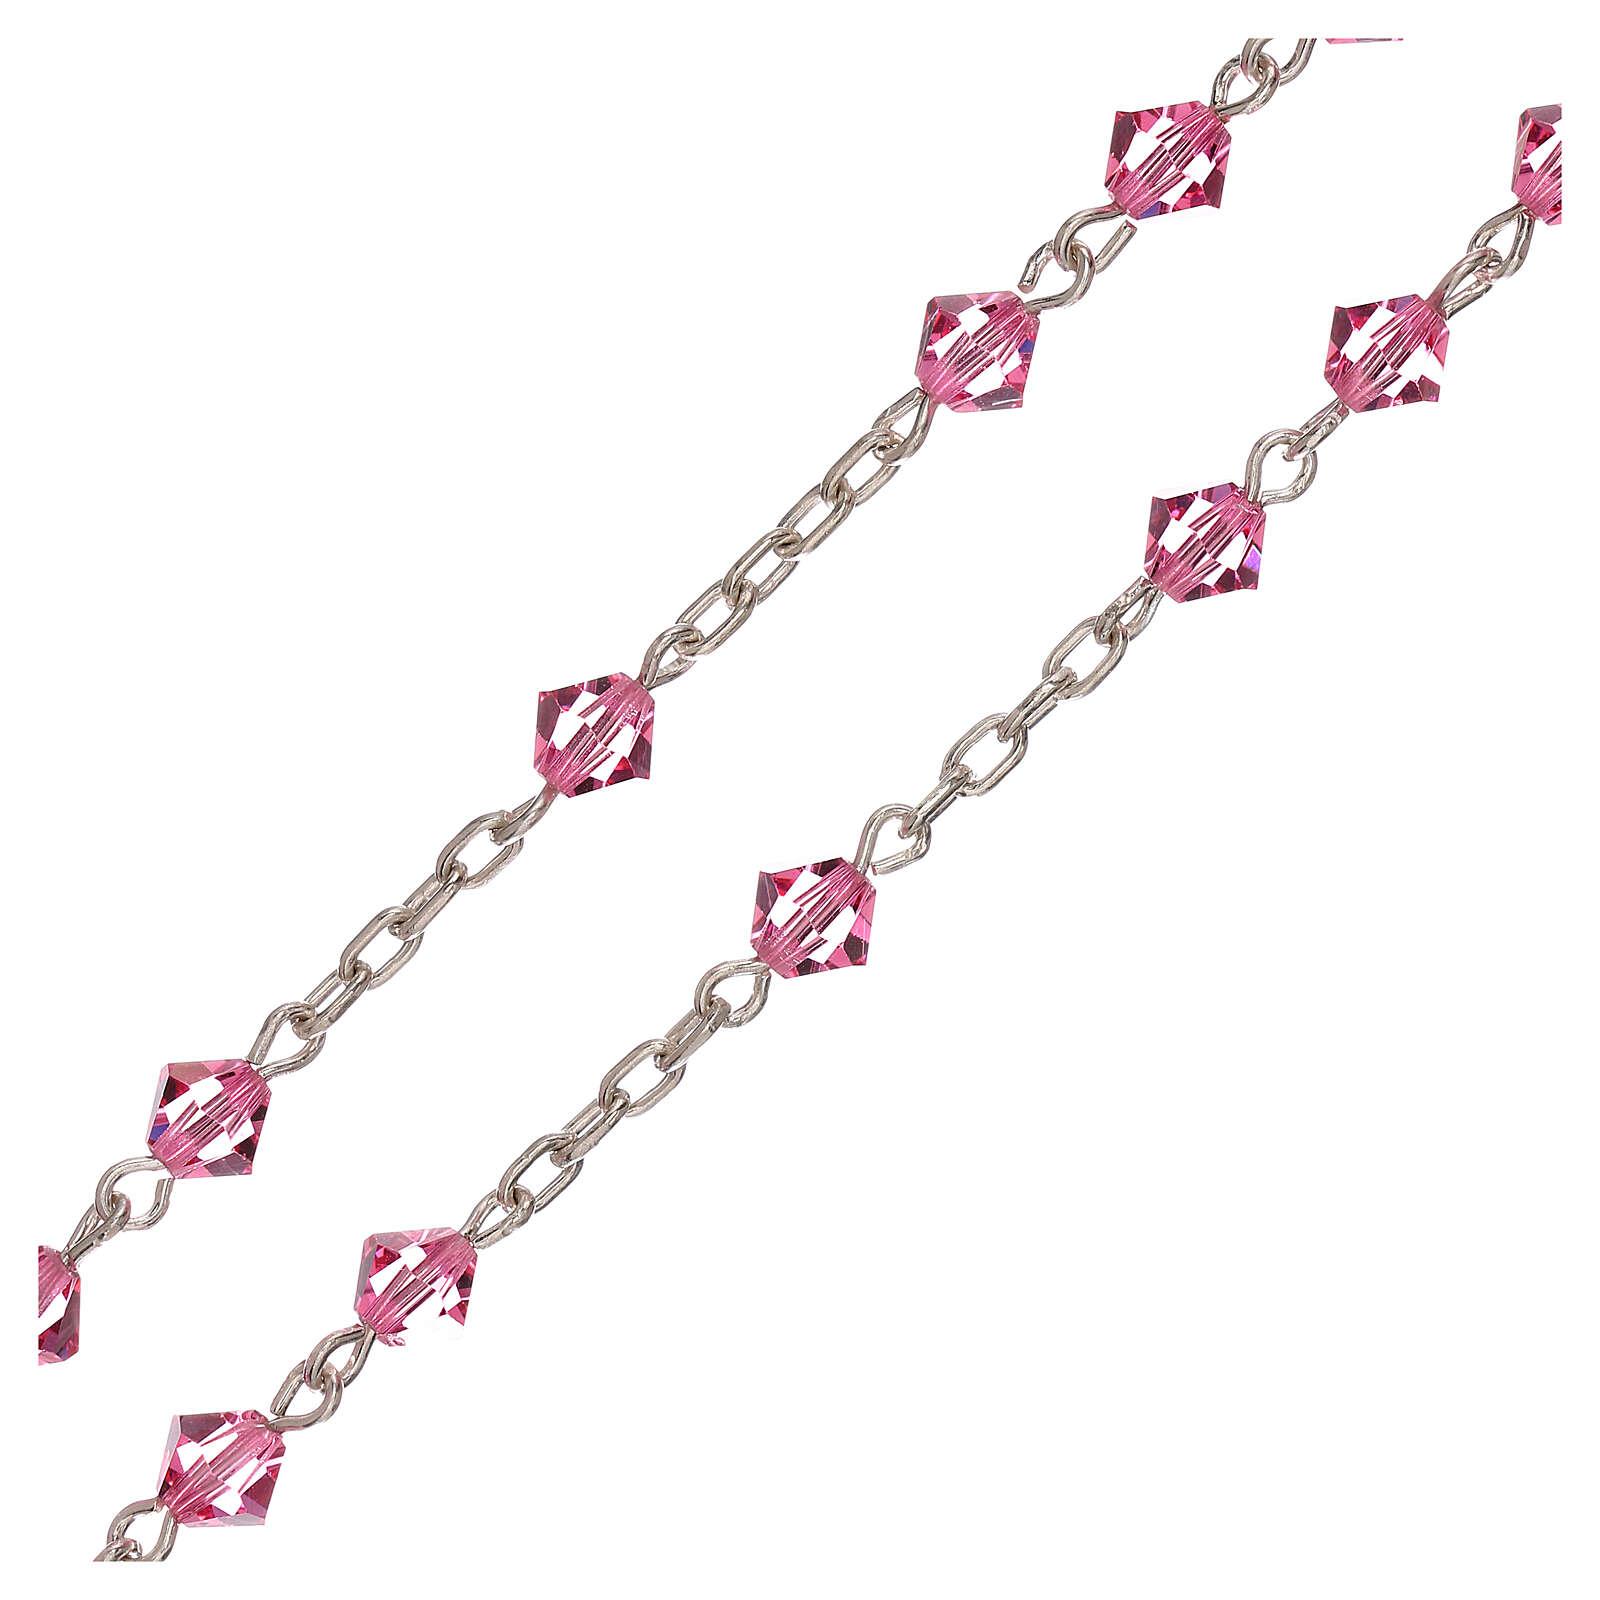 Rosario de plata y Swarovski rosa cónicos 4